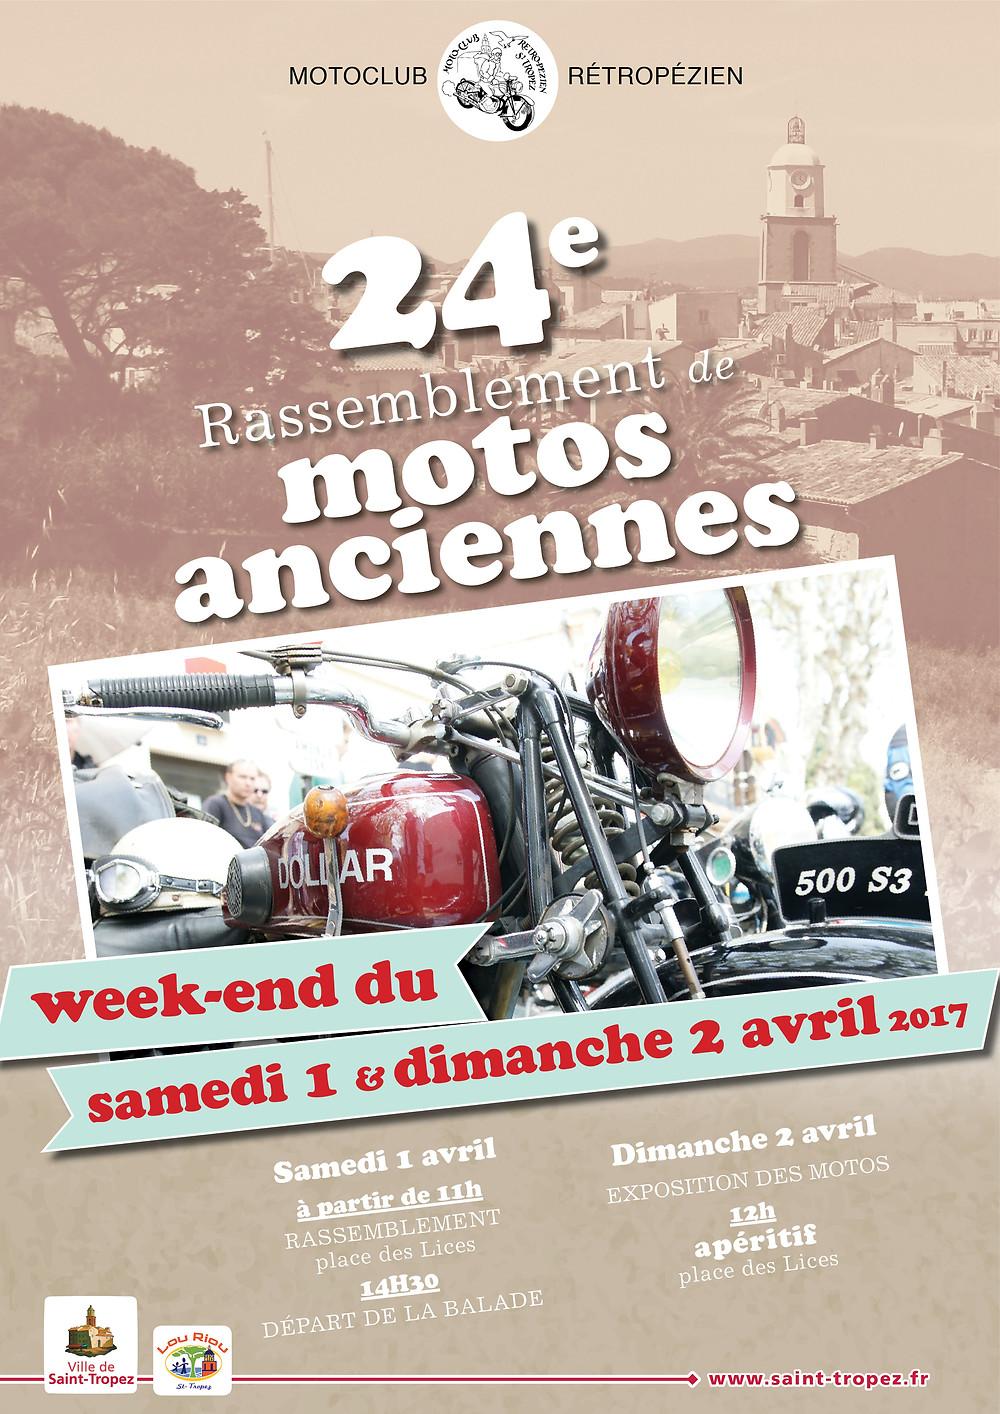 samedi 1 avril et dimanche 2 avril à Saint-Tropez